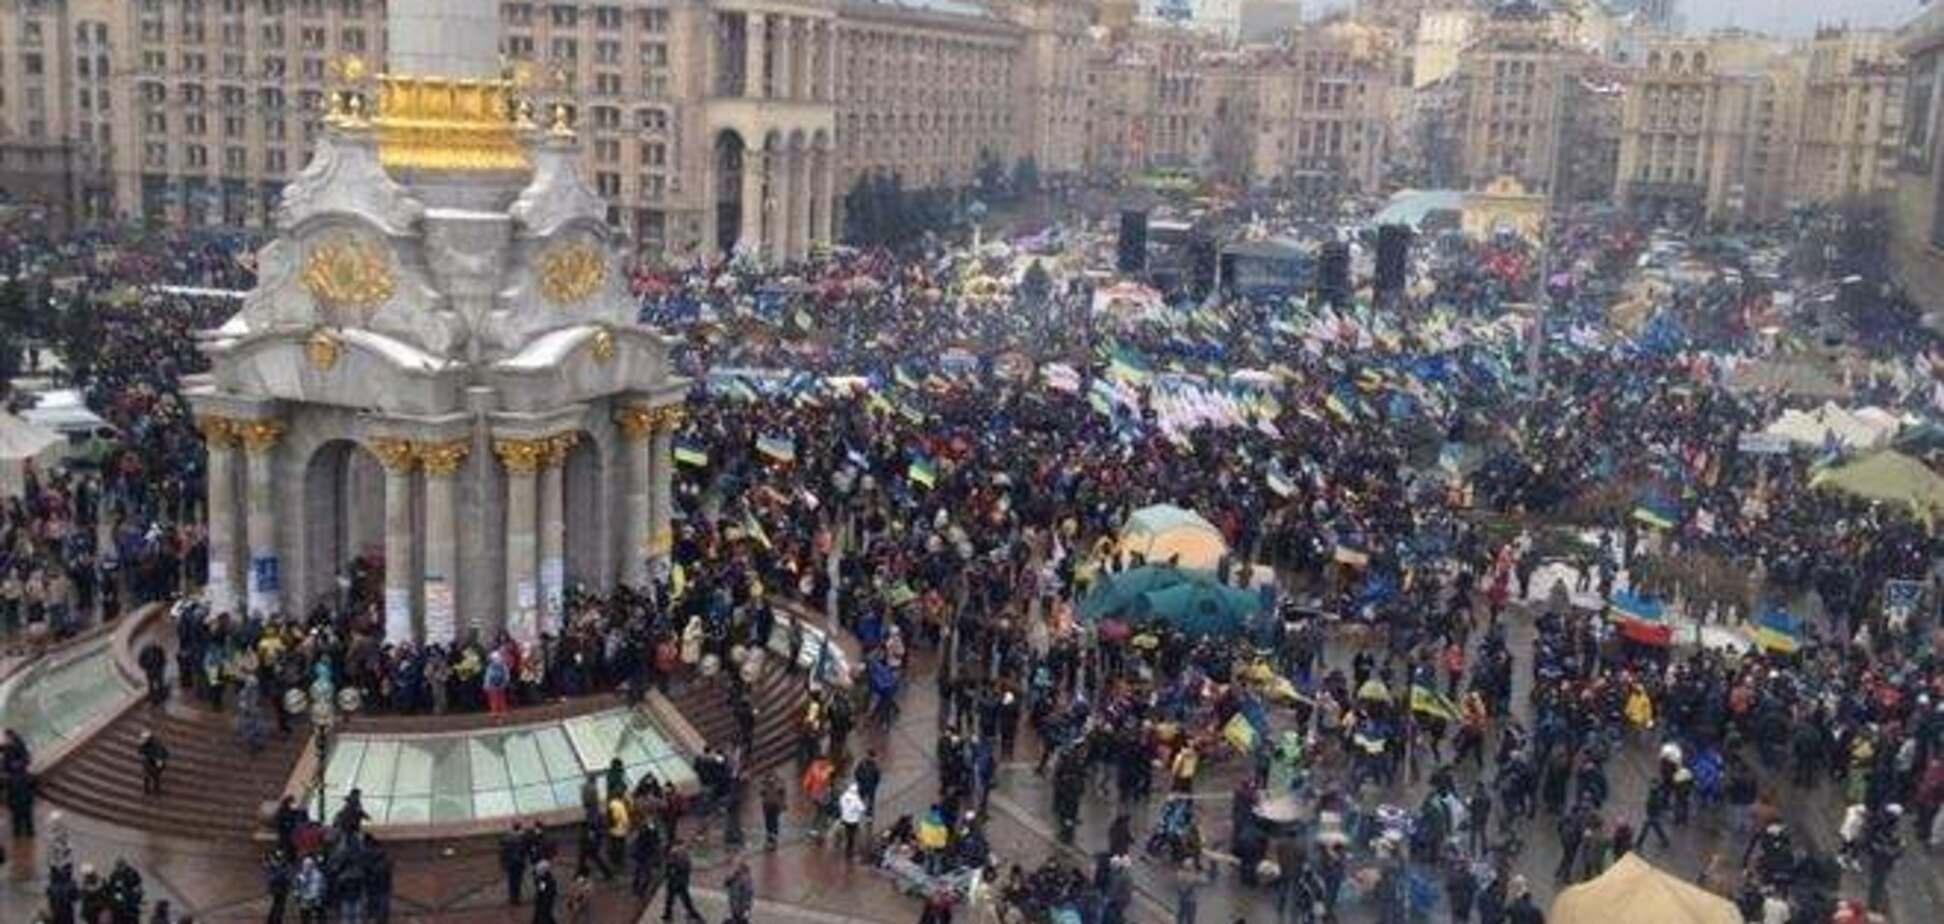 Регионалы в 'Зоряном' смотрят онлайн-трансляцию с Майдана - СМИ